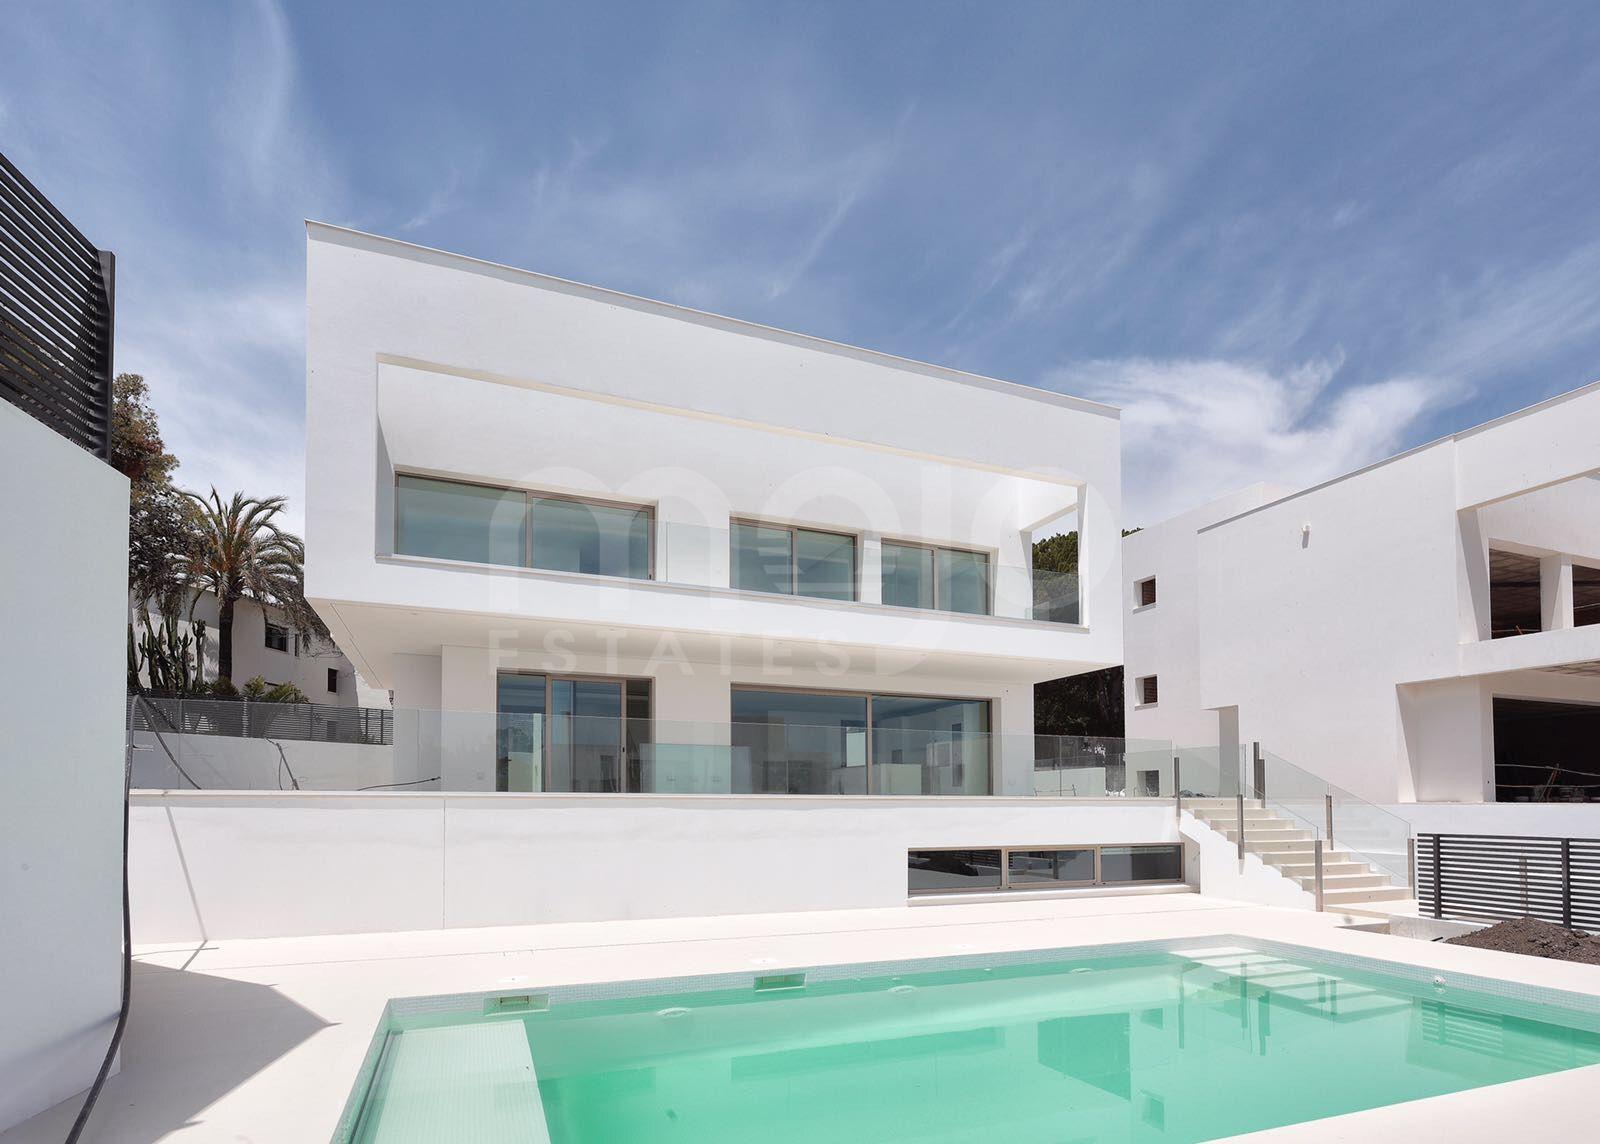 Villa til salg i Casasola, Estepona